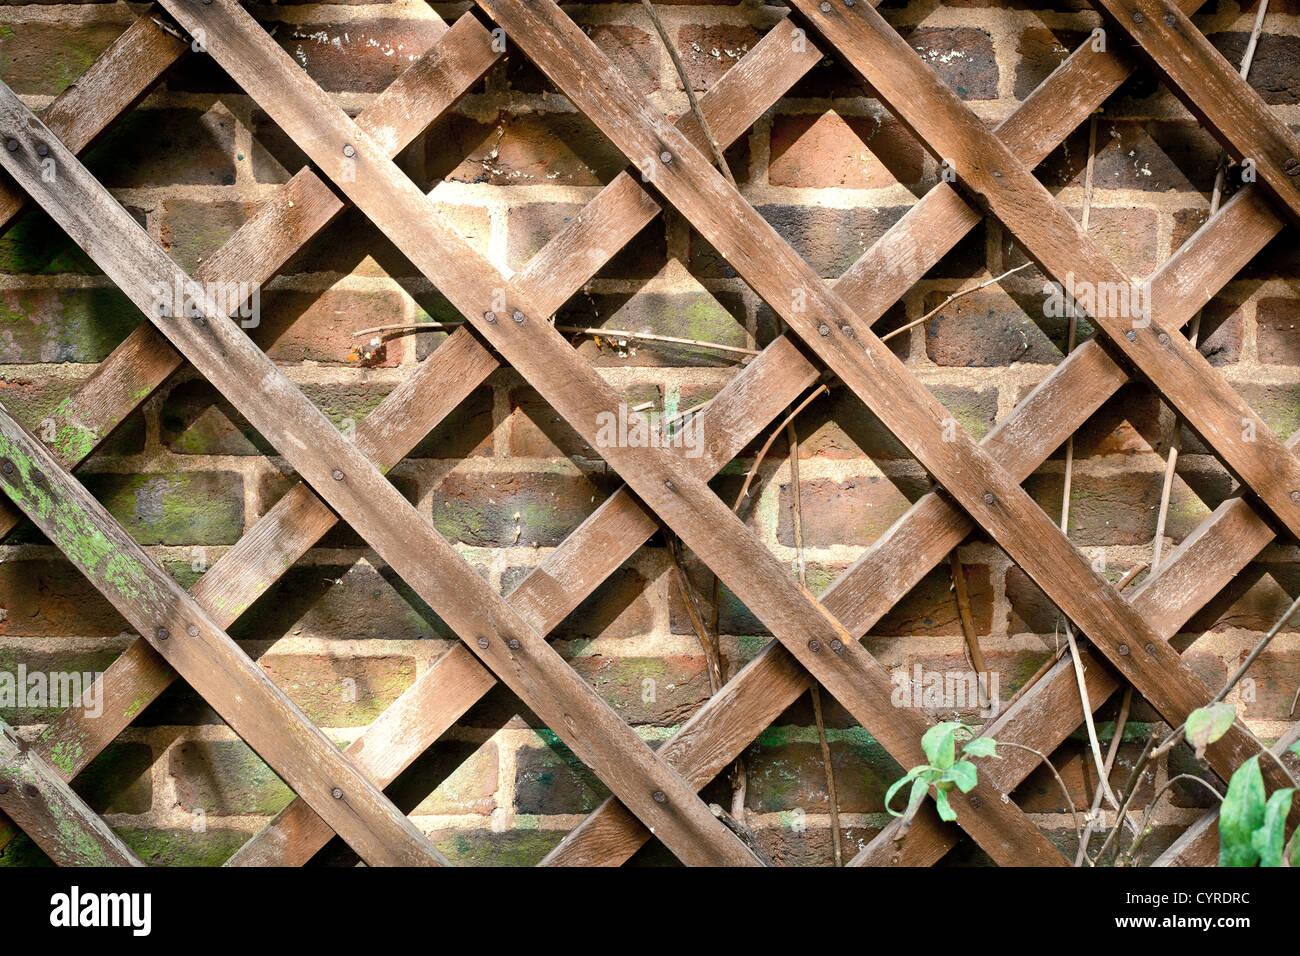 Trellis Wooden Wall Garden Stock Photos & Trellis Wooden Wall Garden ...